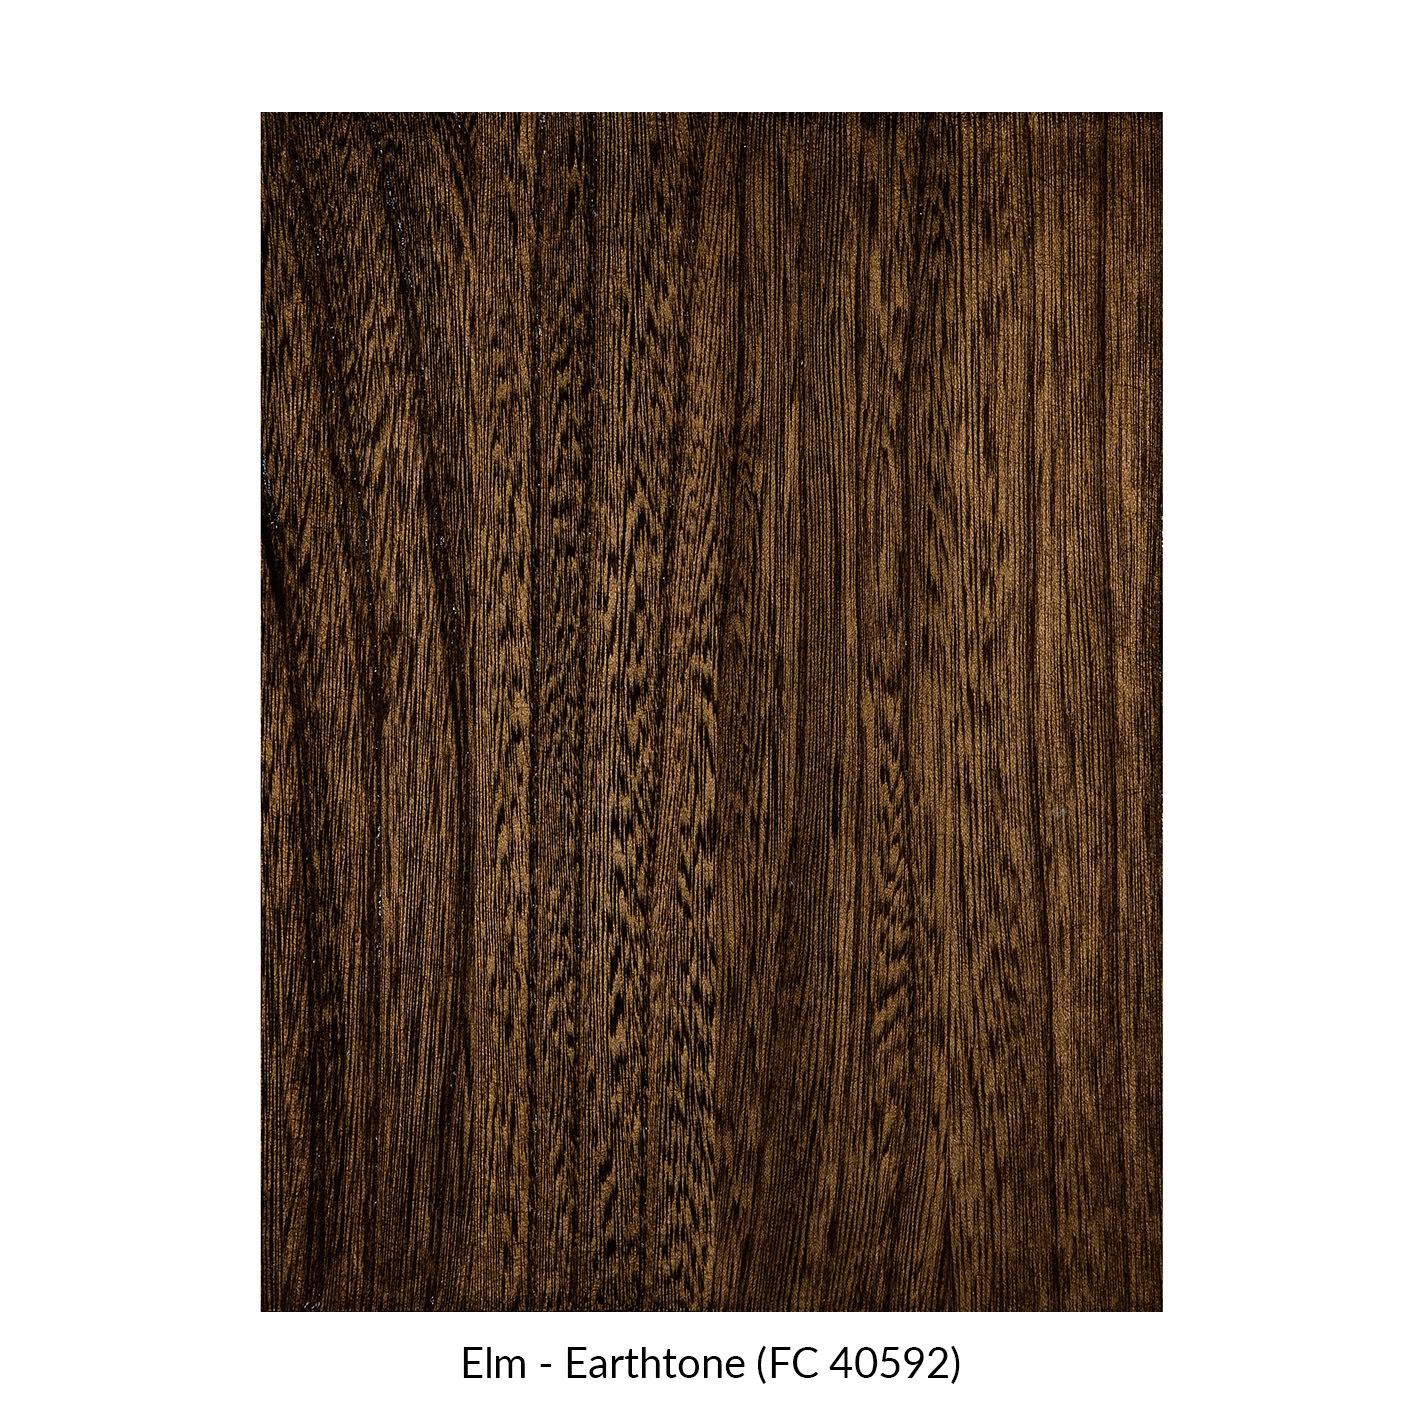 spectrum-elm-earthtone-fc-40592.jpg